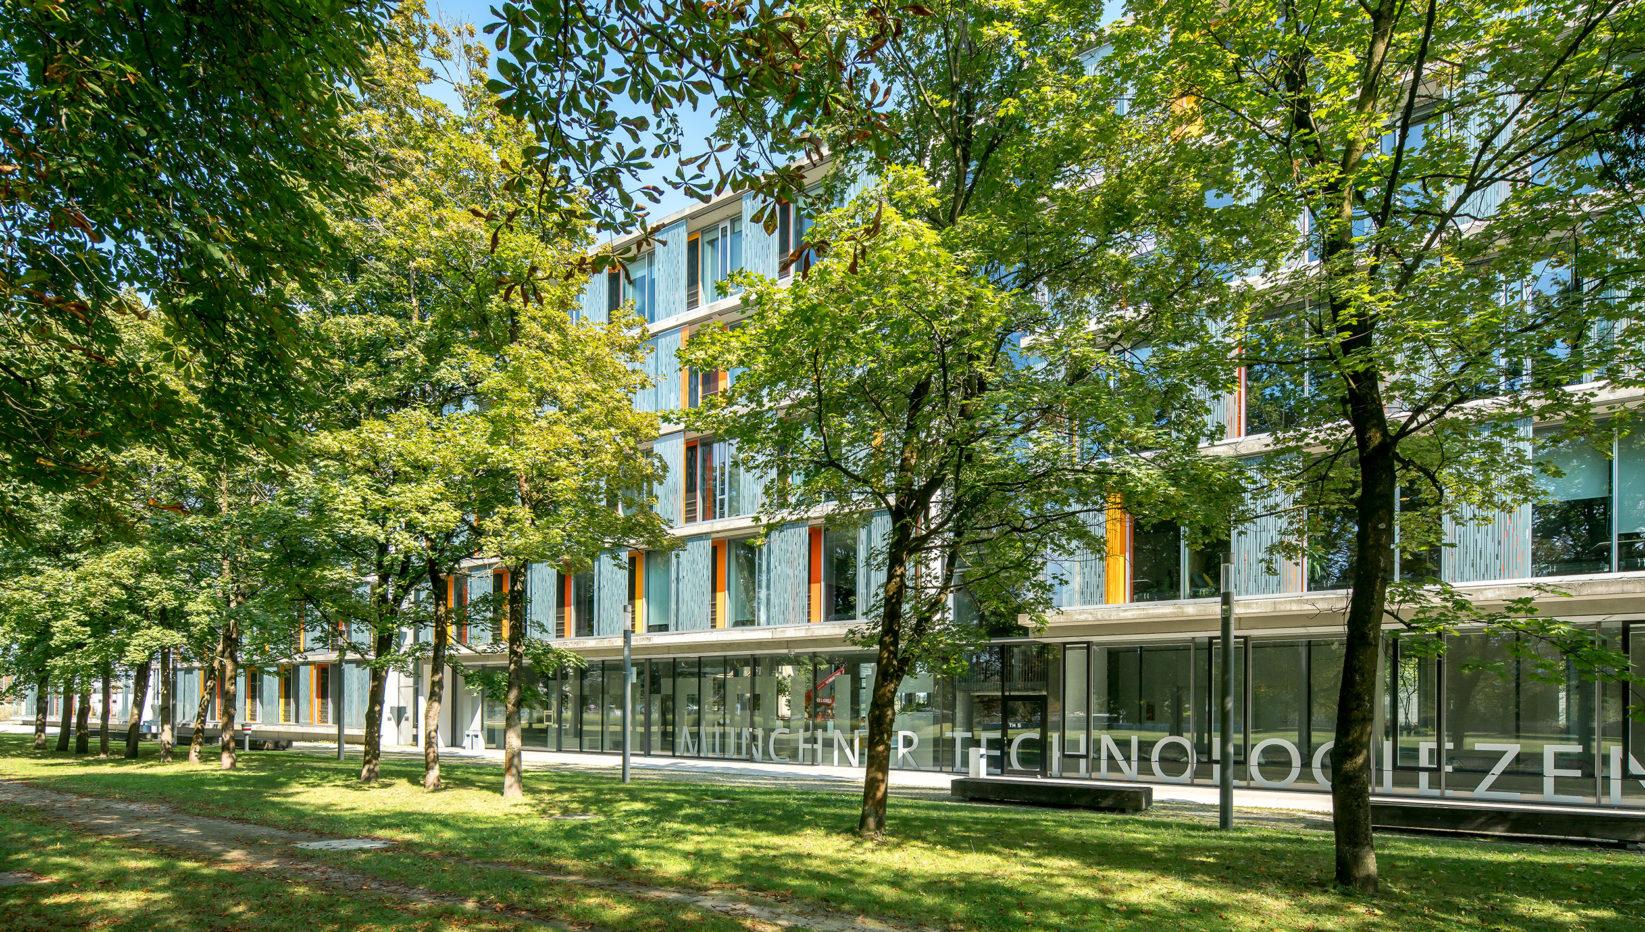 Aufnahme des Gebäudes für das Technologiezentrum nach Fertigstellung der Rohbauarbeiten durch Brunner + Co von der Schwimmbadwiese aus.